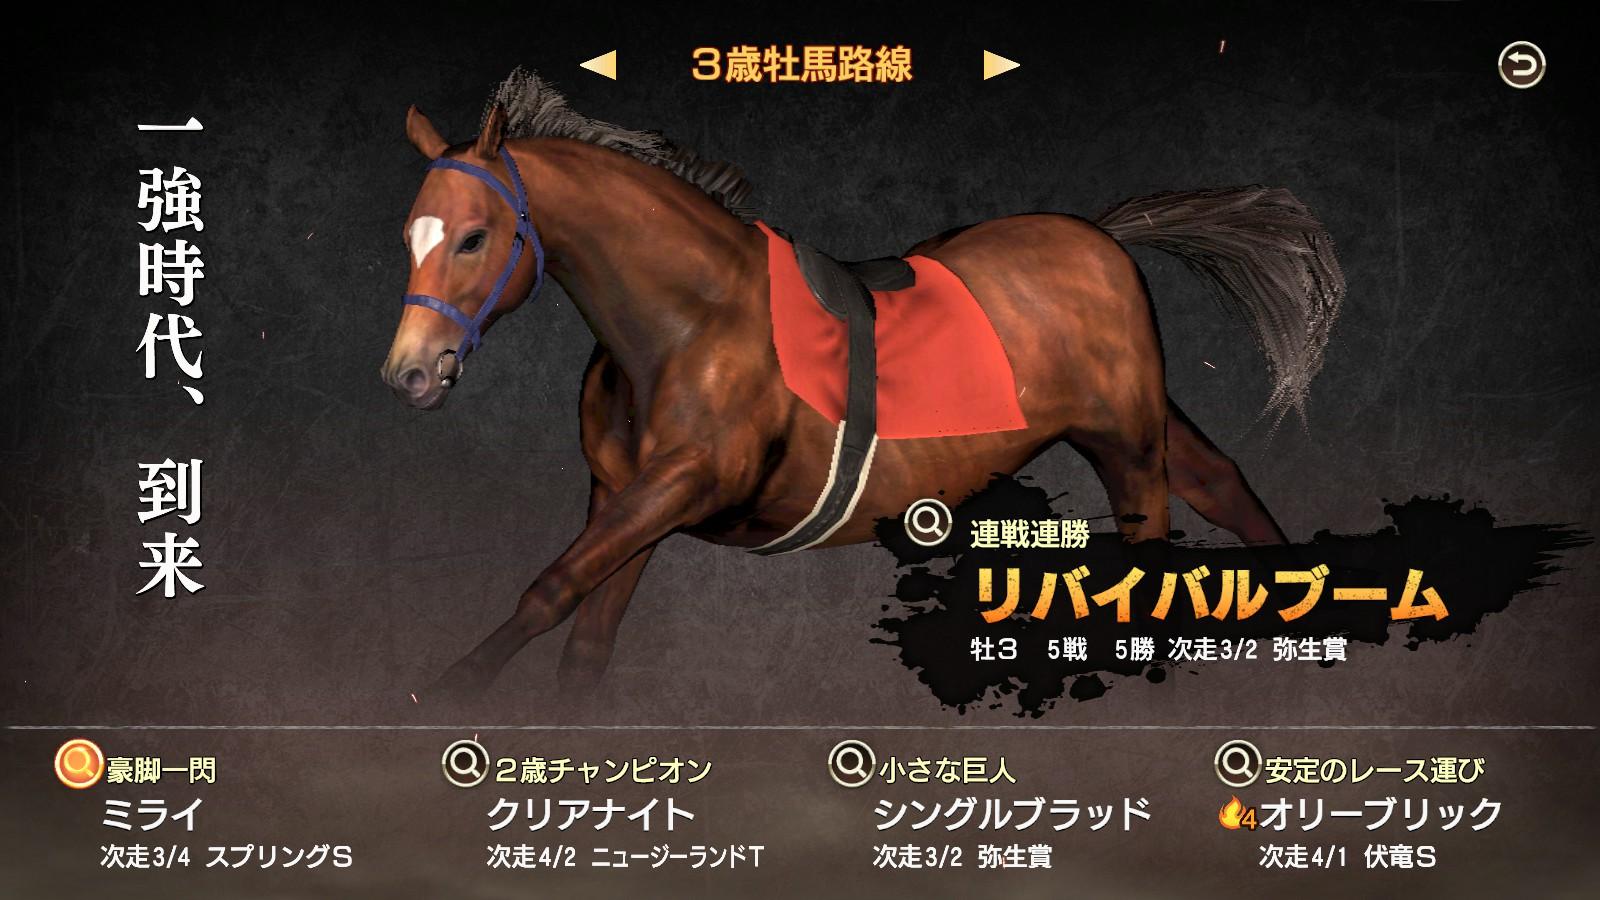 ウイニングポスト 9 2020 おすすめ 繁殖 牝馬